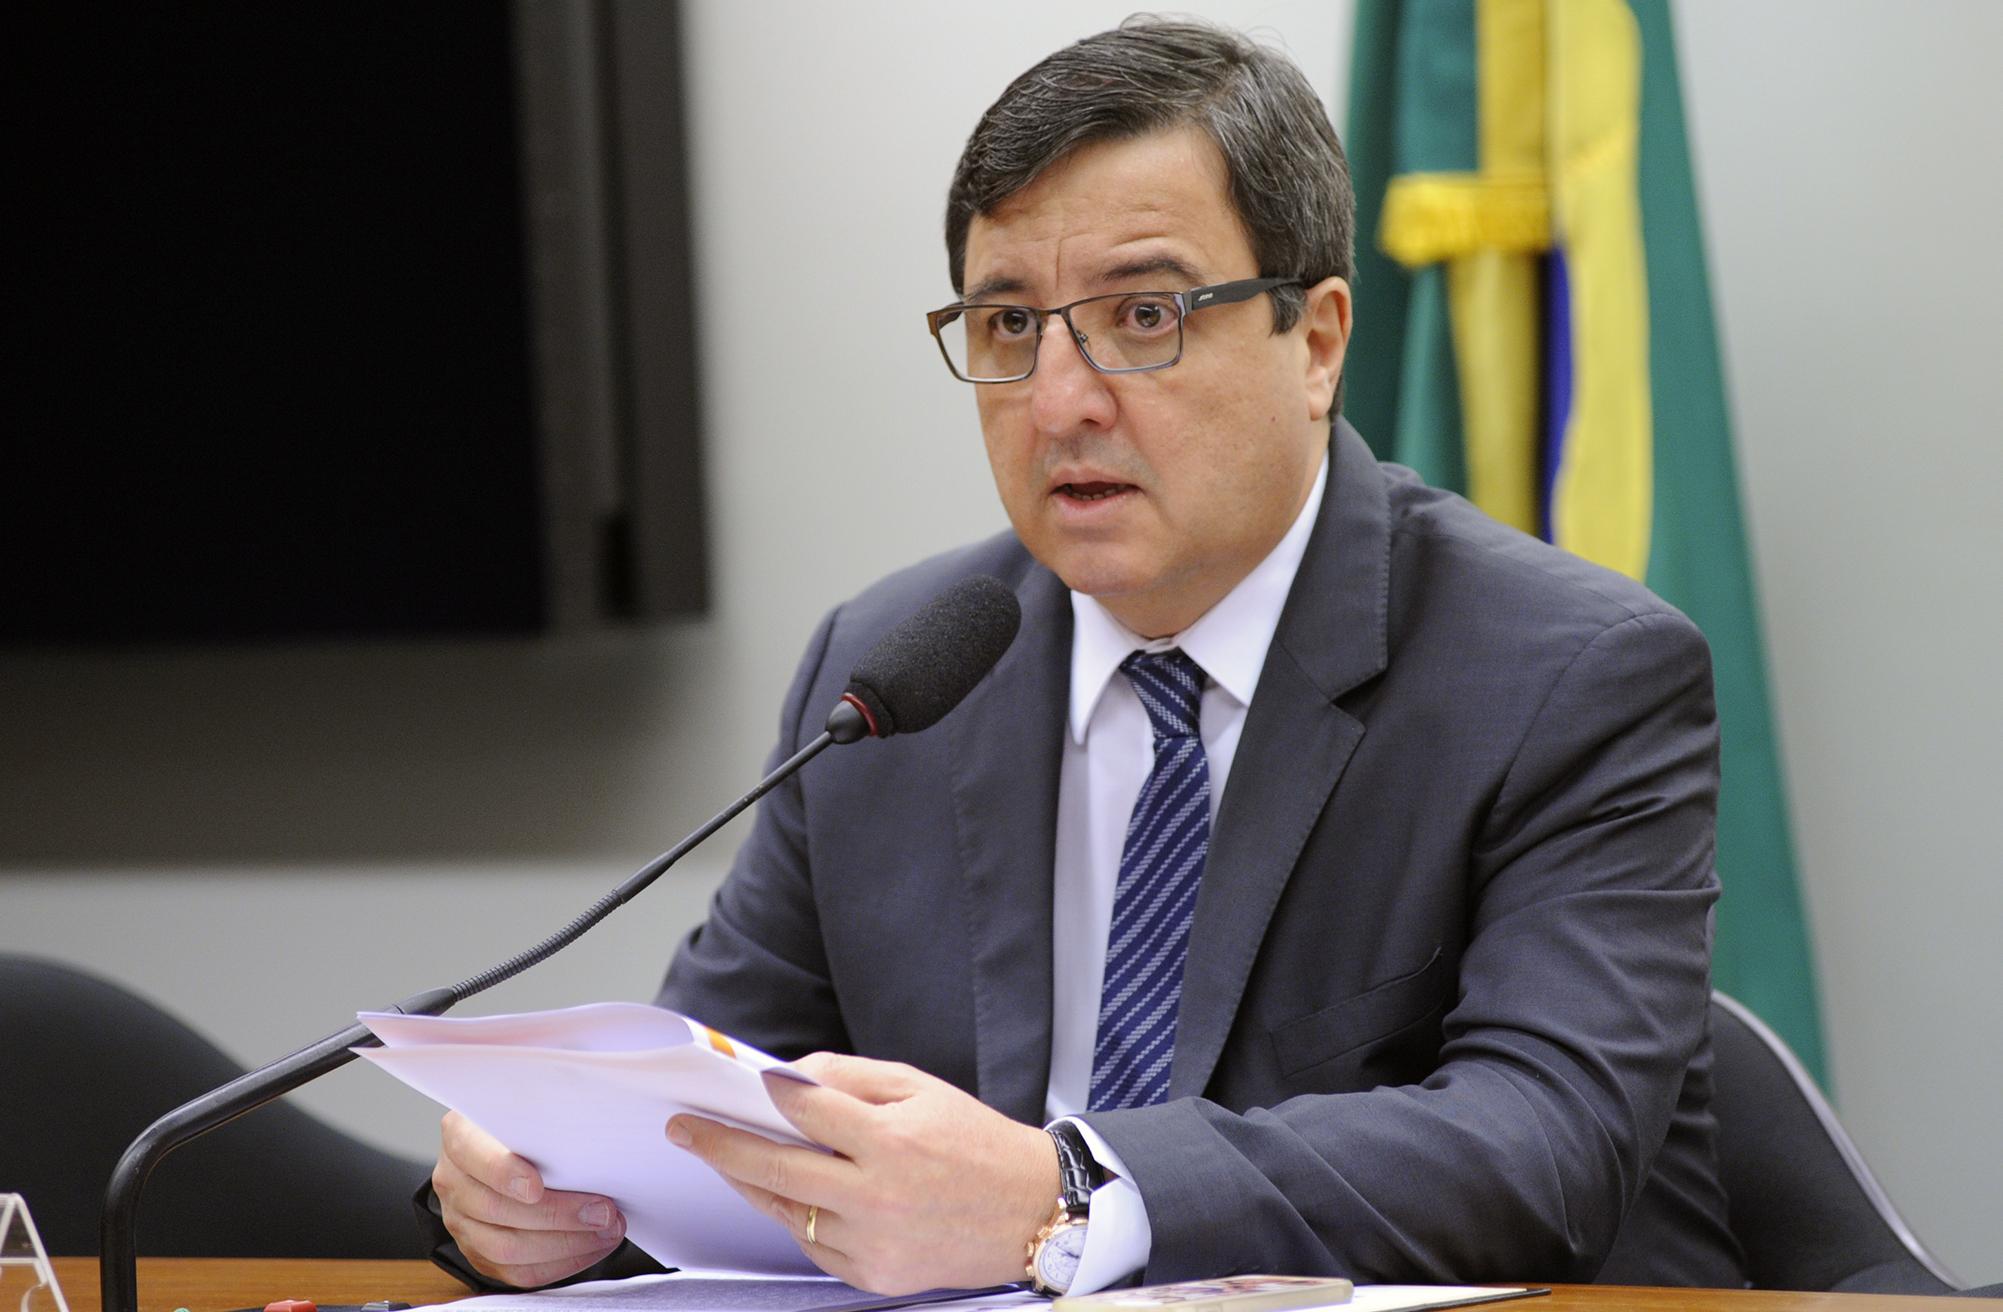 Reunião Ordinária. Dep. Danilo Forte (PSB - CE)